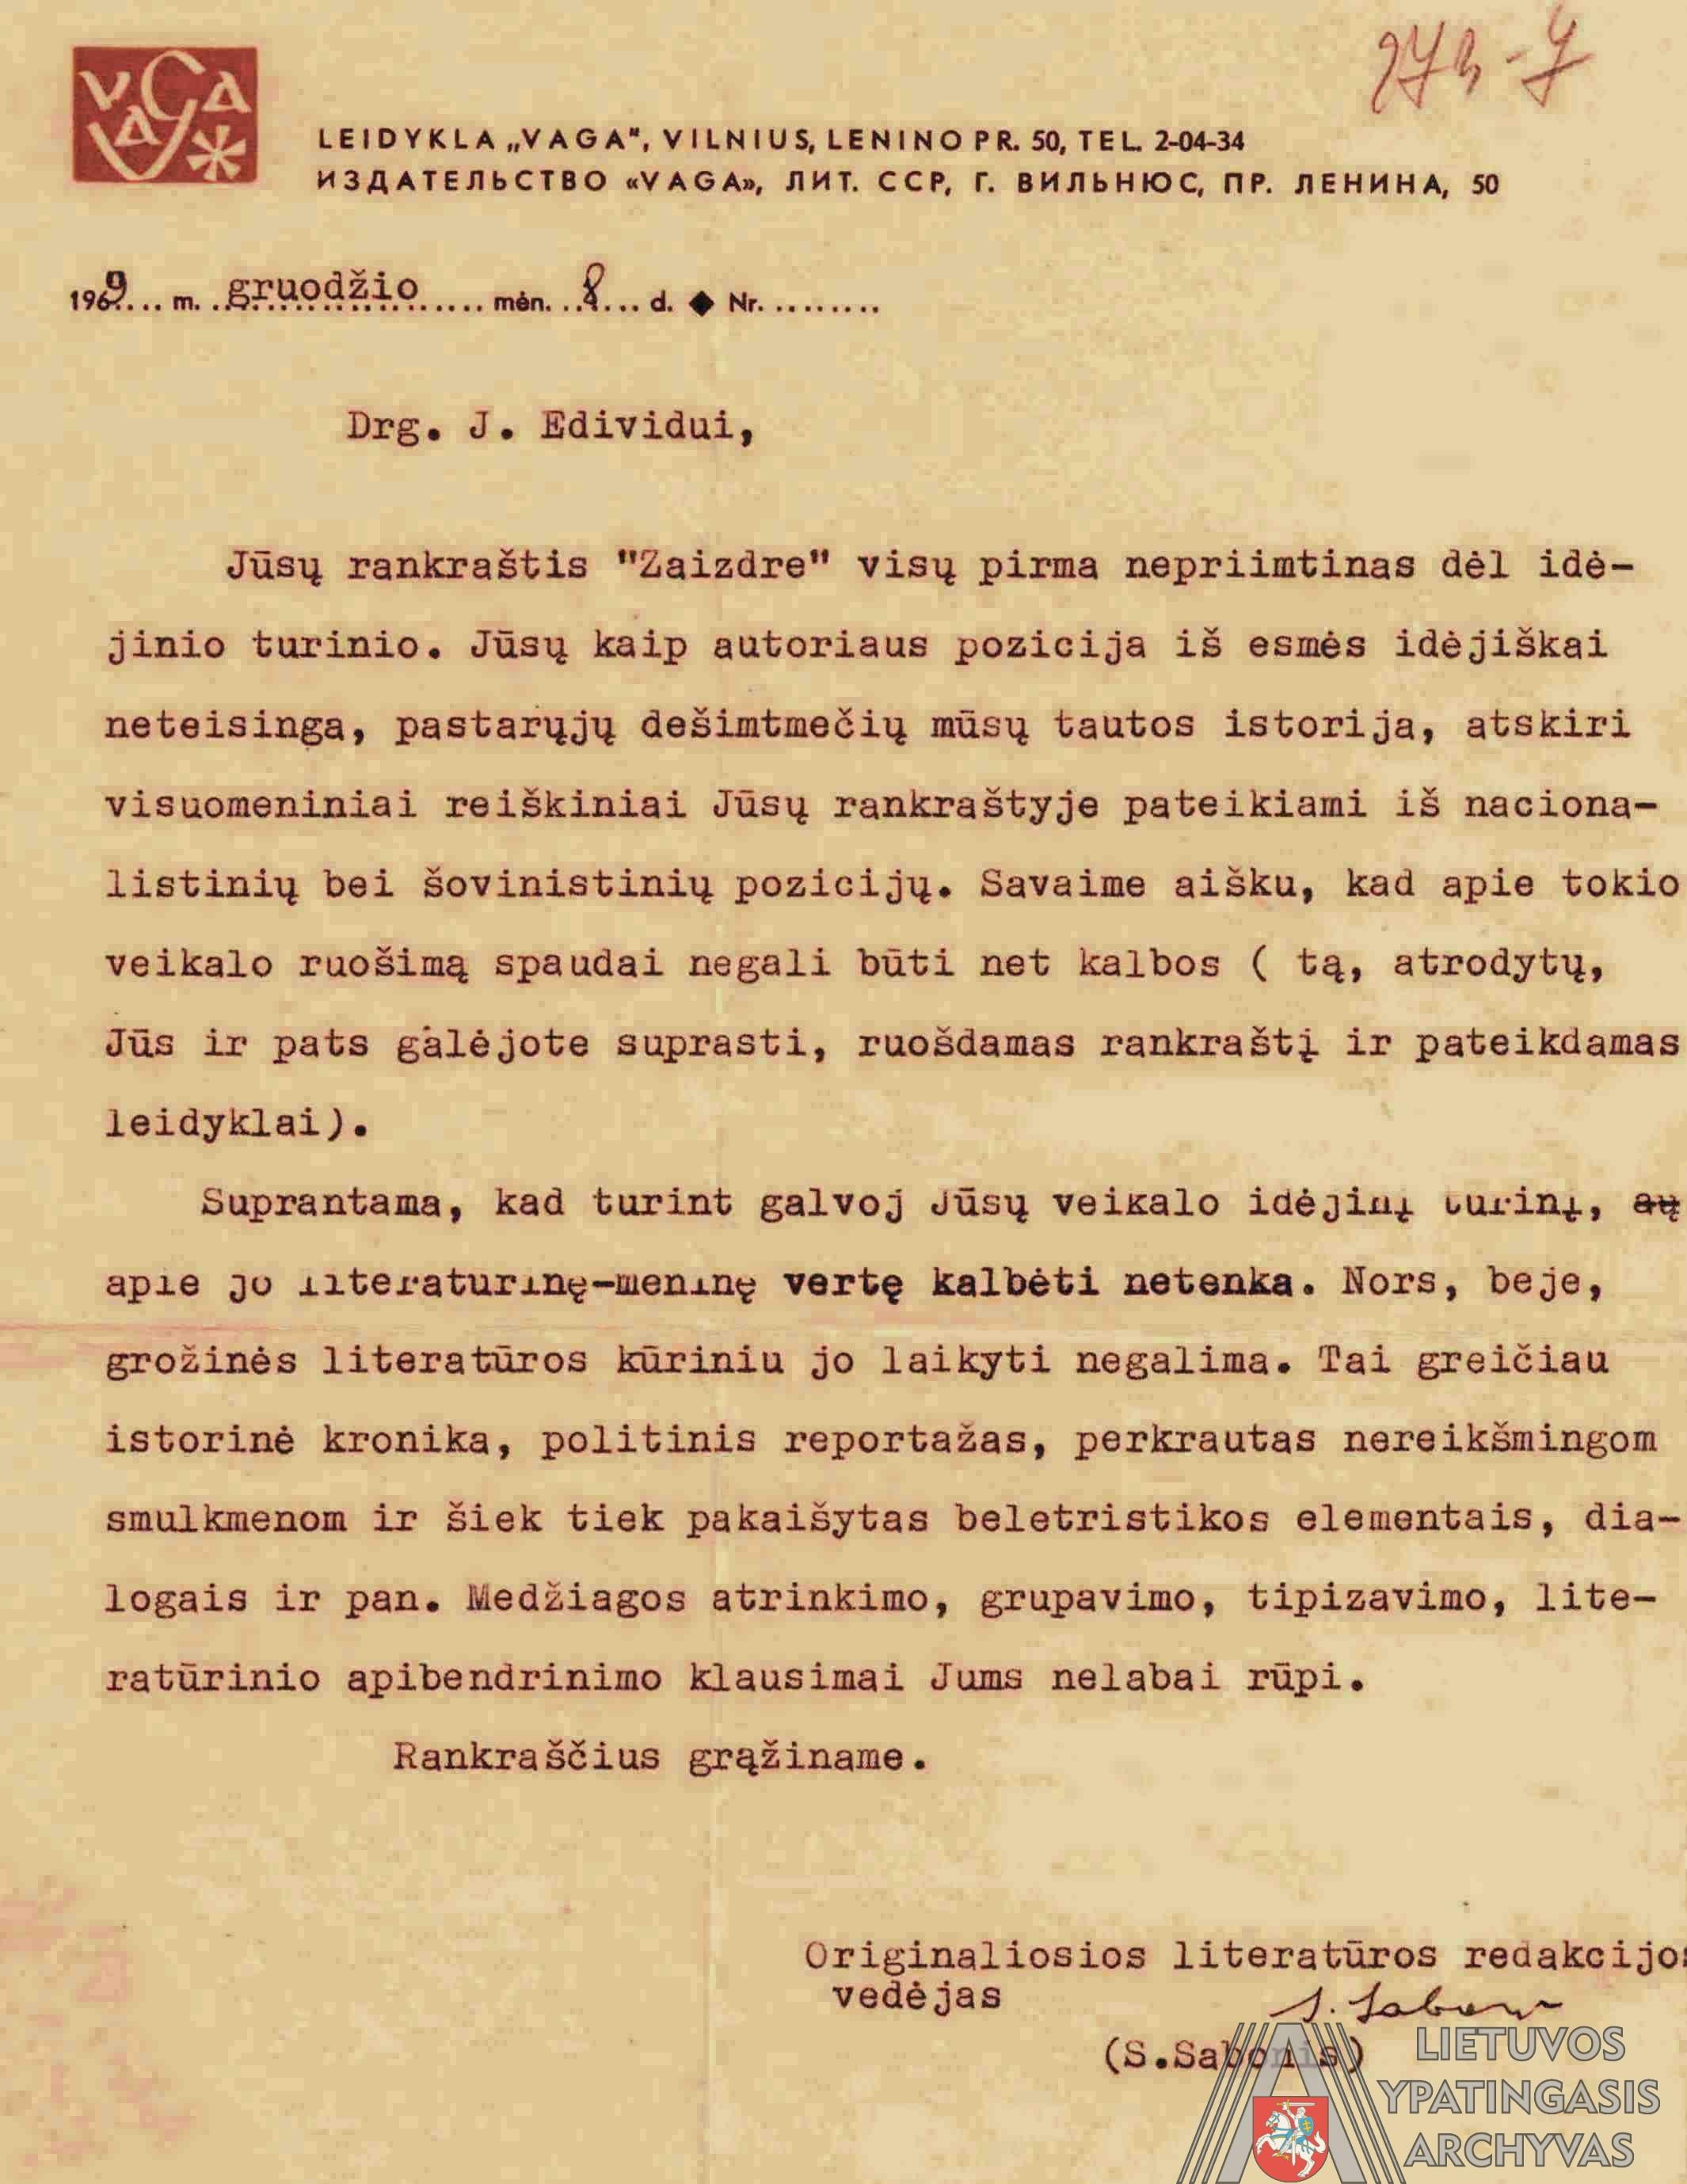 """Valstybinės leidyklos """"Vaga"""" Originaliosios literatūros redakcijos vedėjo Stasio Sabonio 1969 m. gruodžio 8 d. raštas J. Edivido slapyvardžiu pasirašiusiam Jonui Laucei dėl romano """"Žaizdre"""" rankraščio. Lietuvos ypatingasis archyvas, f. K-1, ap. 1, b. Nr. 11802, t. 1, l. 273-7."""